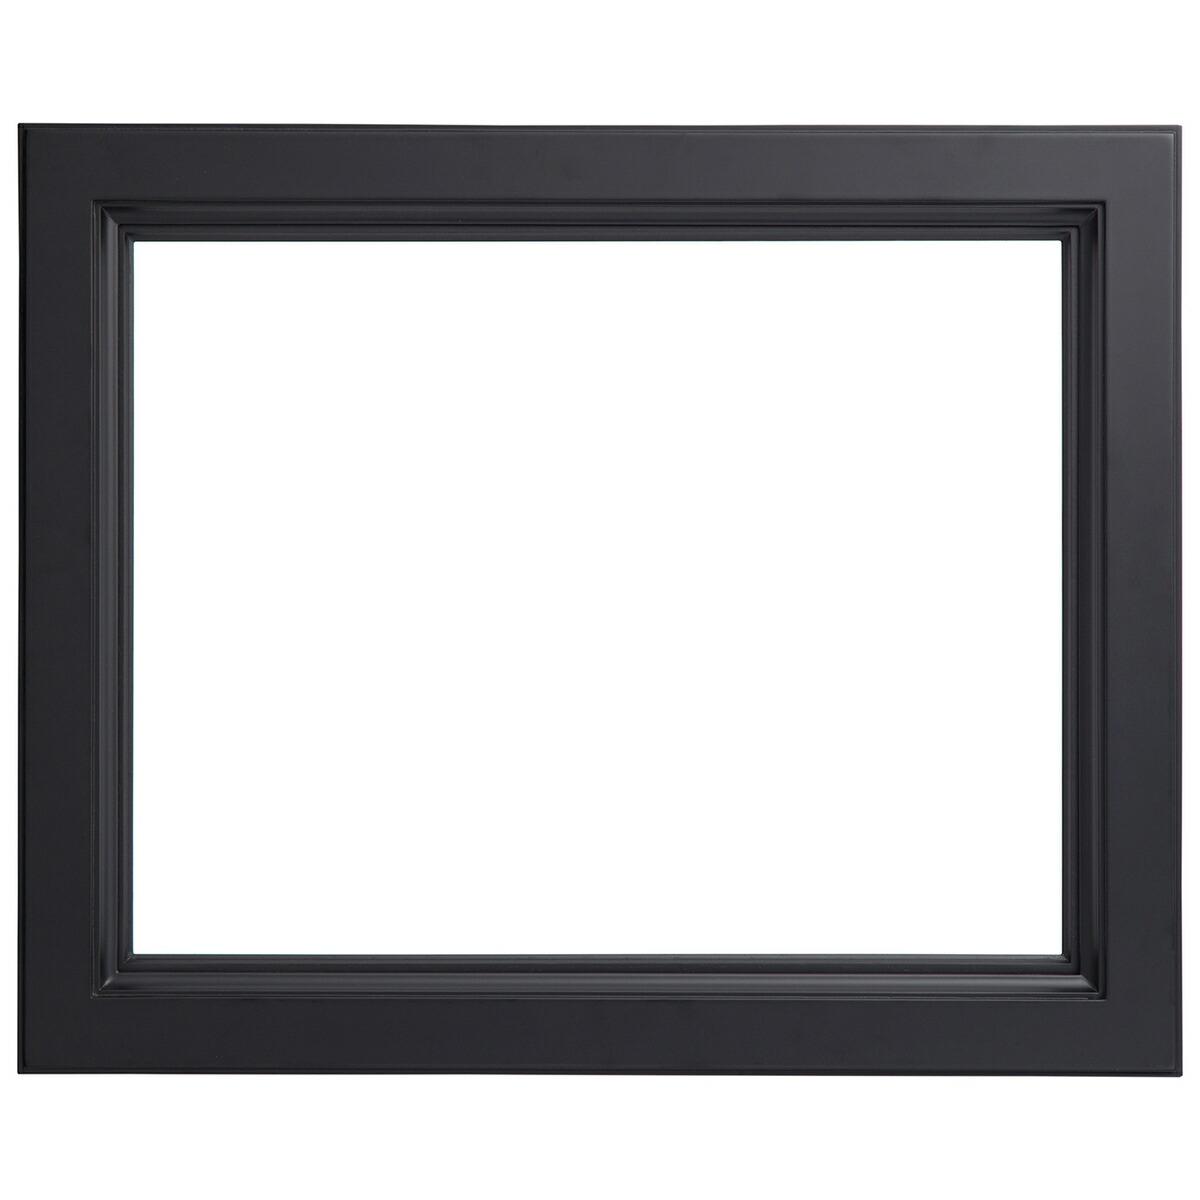 ラーソン・ジュール 油絵用額縁 A260 F6 ブラック